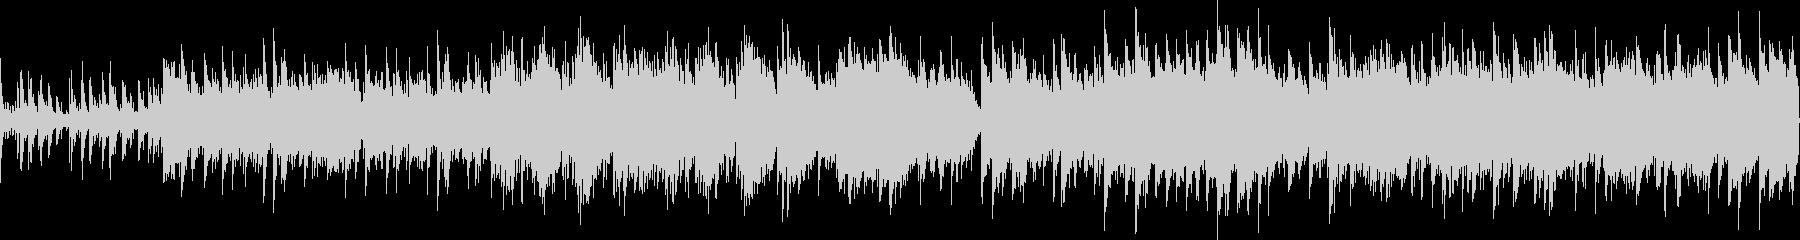 ピアノ旋律が印象的なバラード(ループ)の未再生の波形